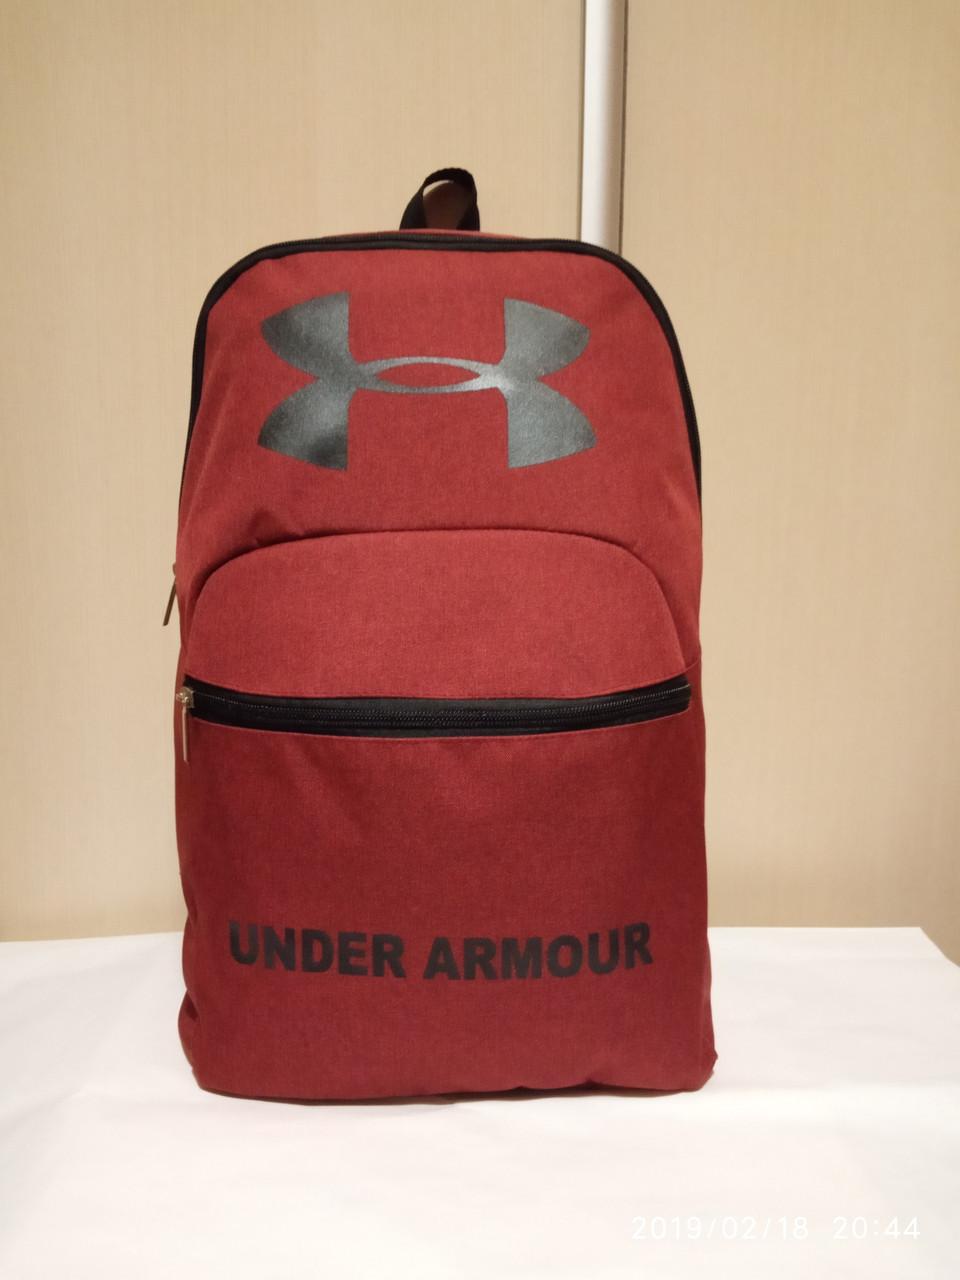 Спортивный рюкзак Меланж (реплика), красный цвет ( код: IBR005R )